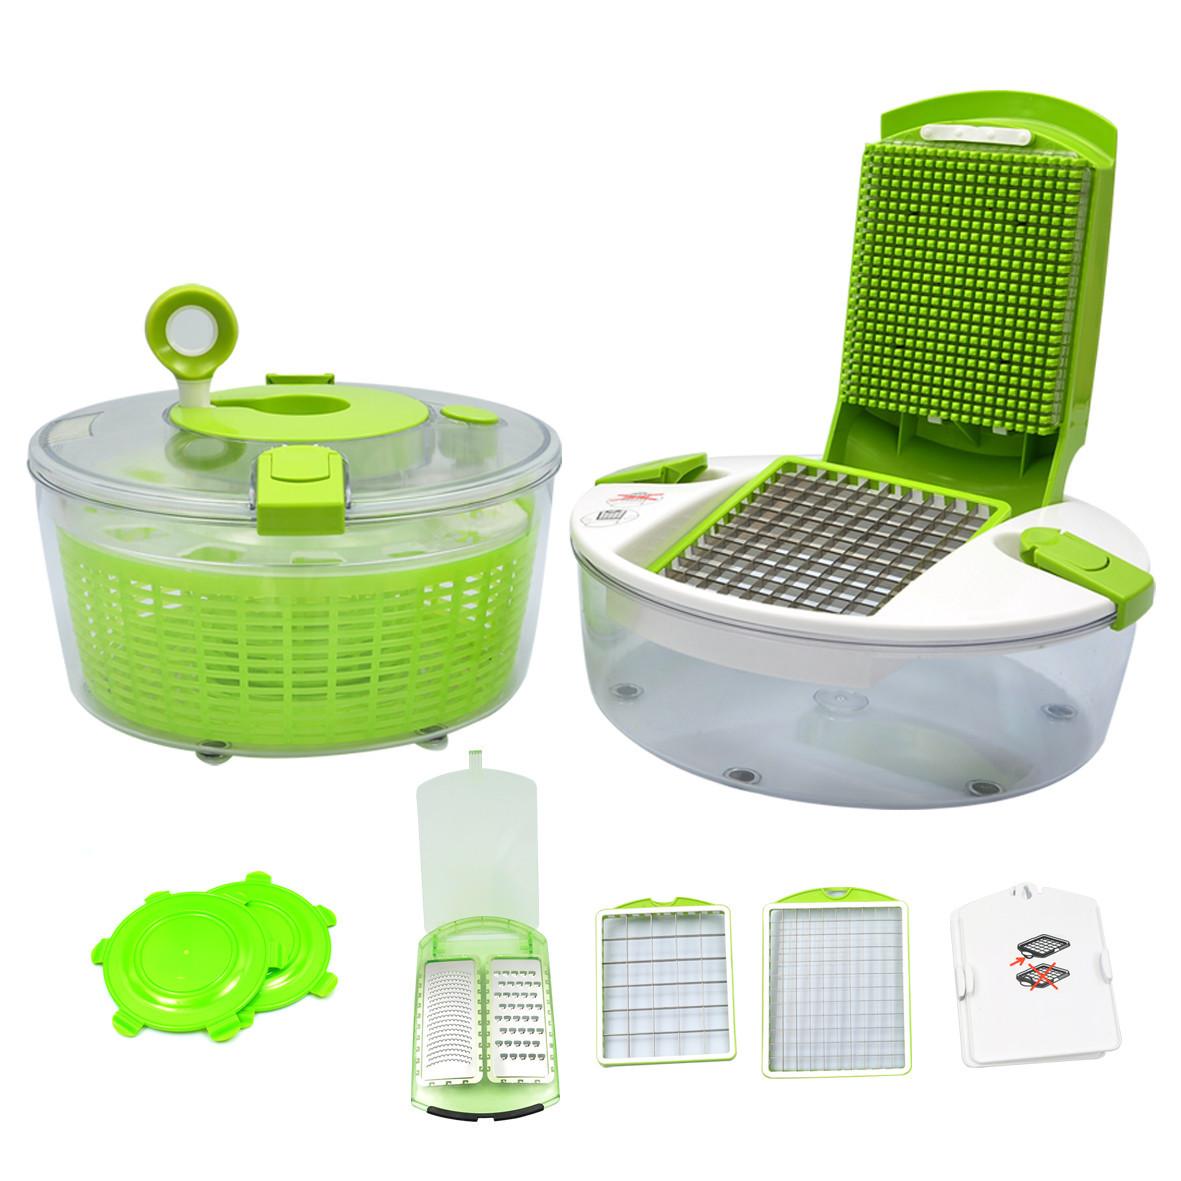 Универсальная овощерезка Salad Chef (Селед Шеф), Товары для кухни, Овощерезки, овощерезка